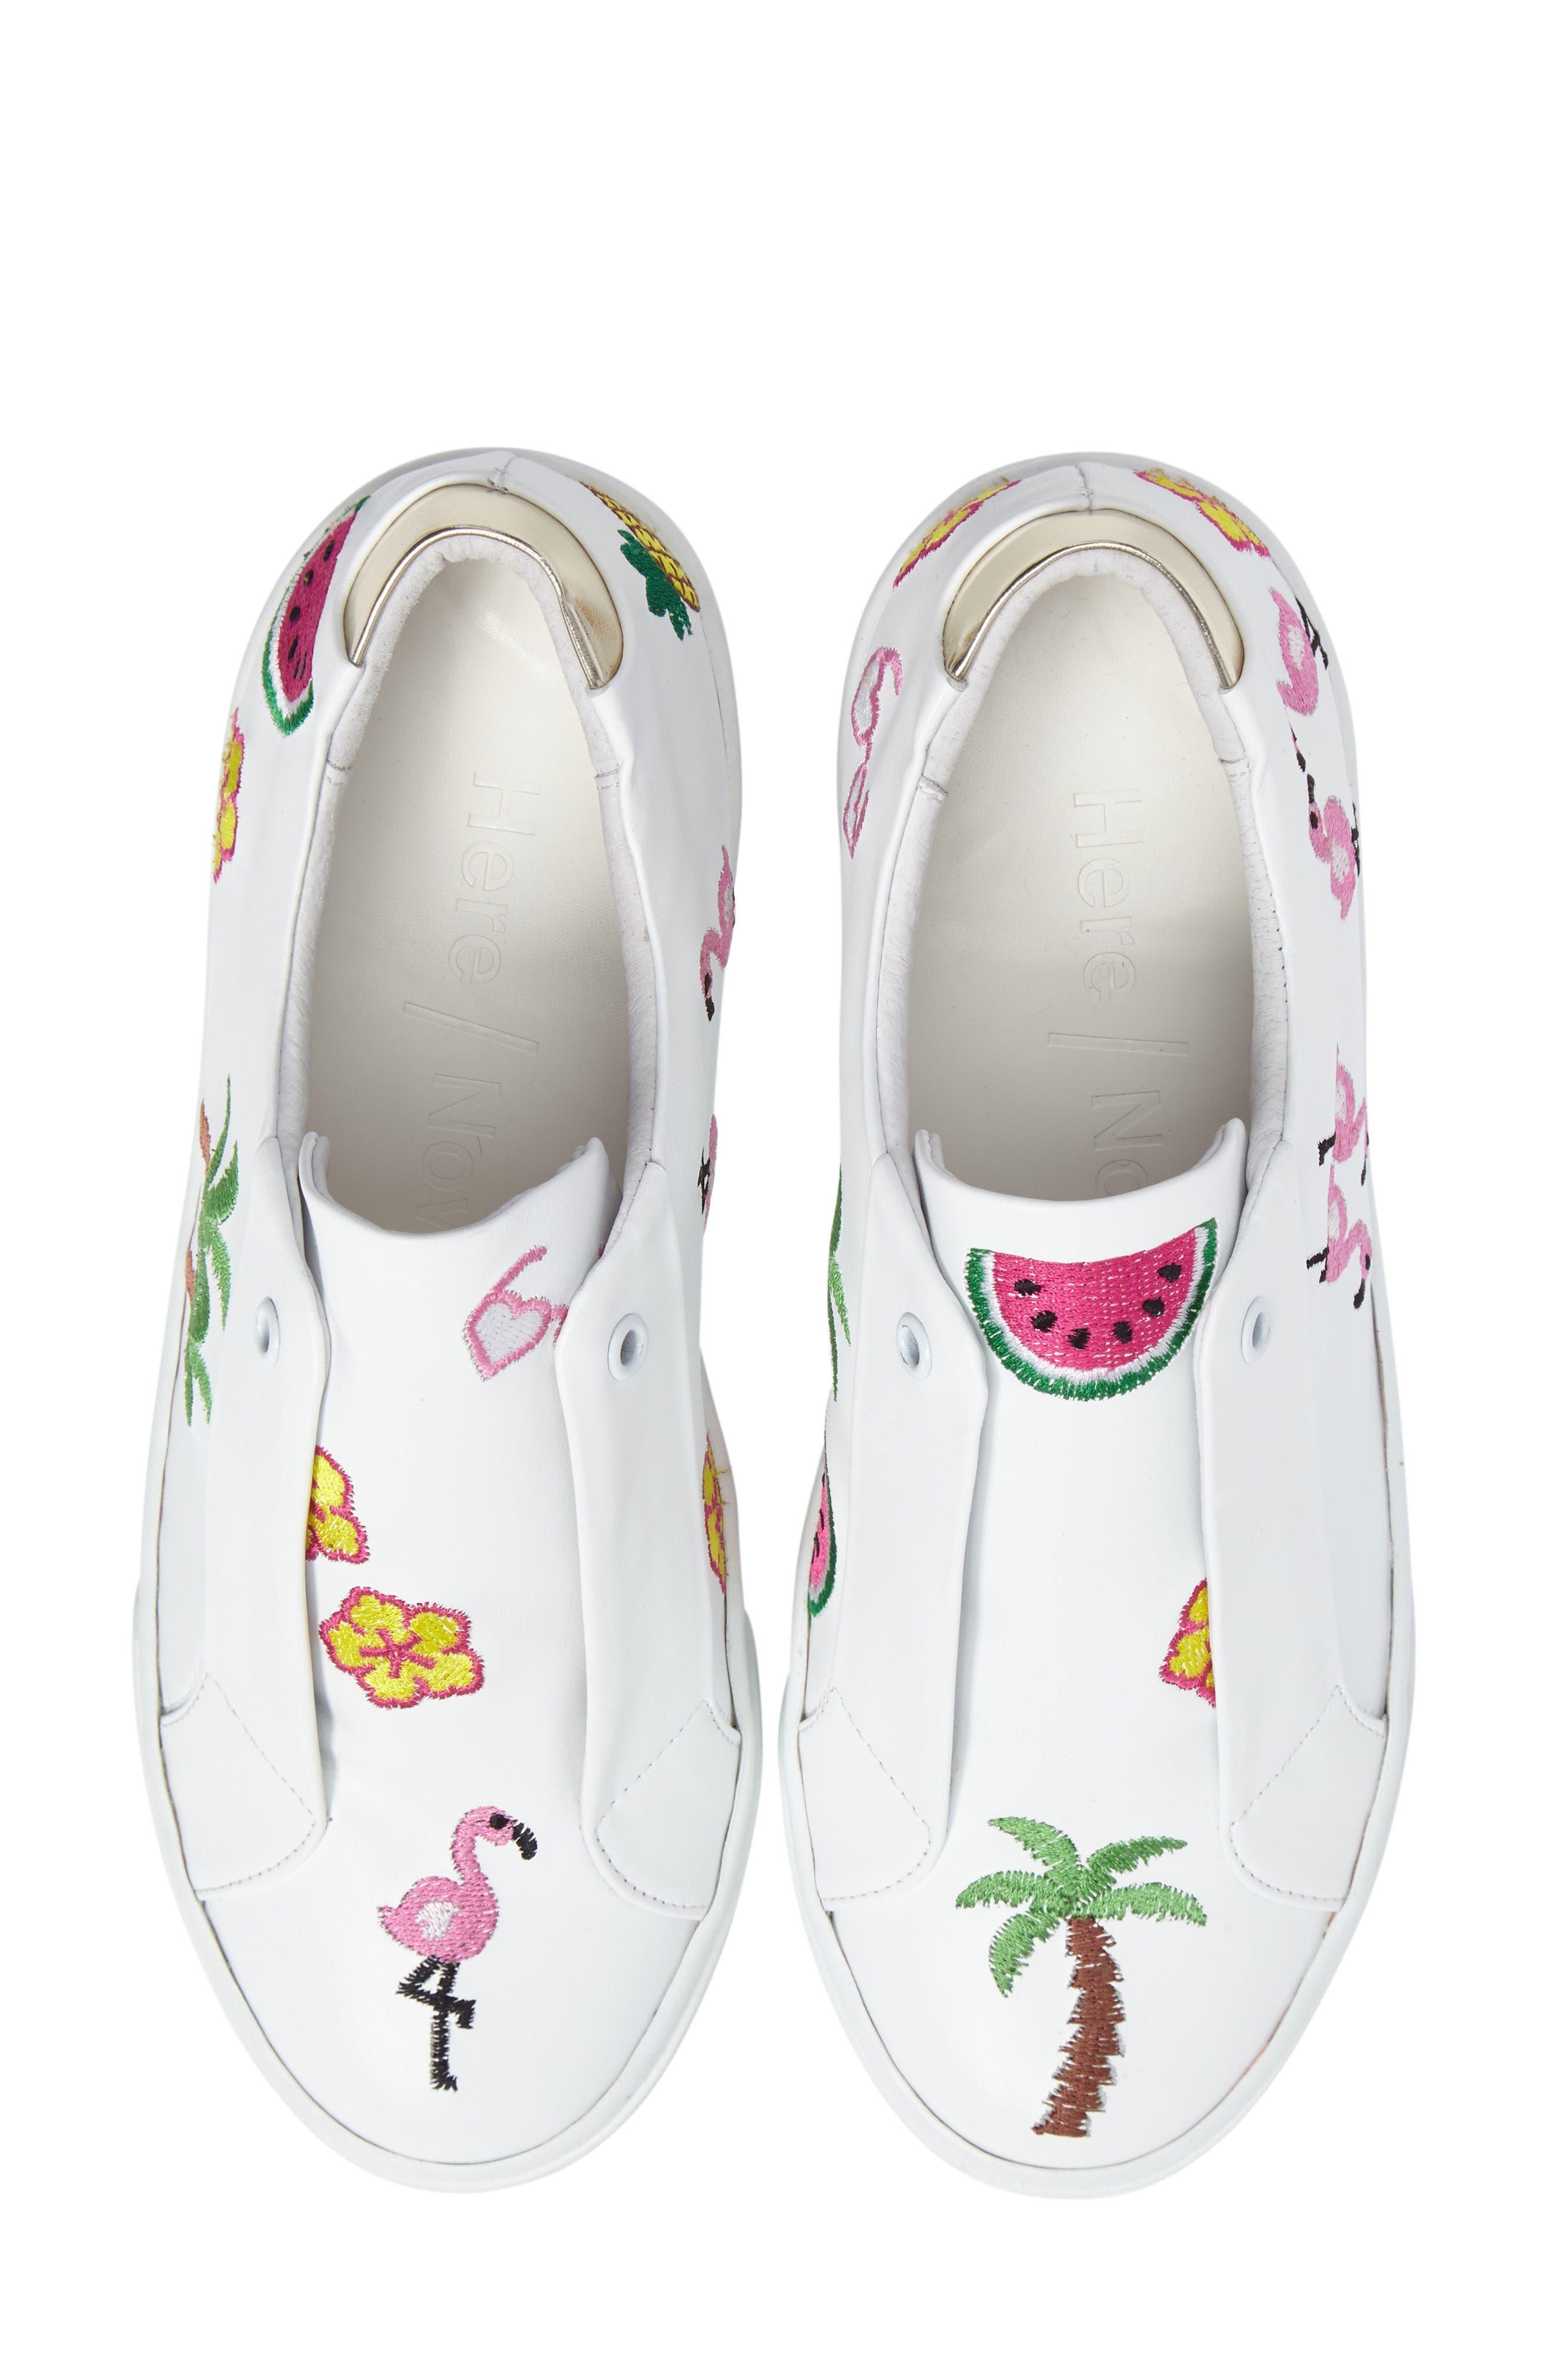 Alternate Image 1 Selected - Here / Now Kamea Slip-On Sneaker (Women)